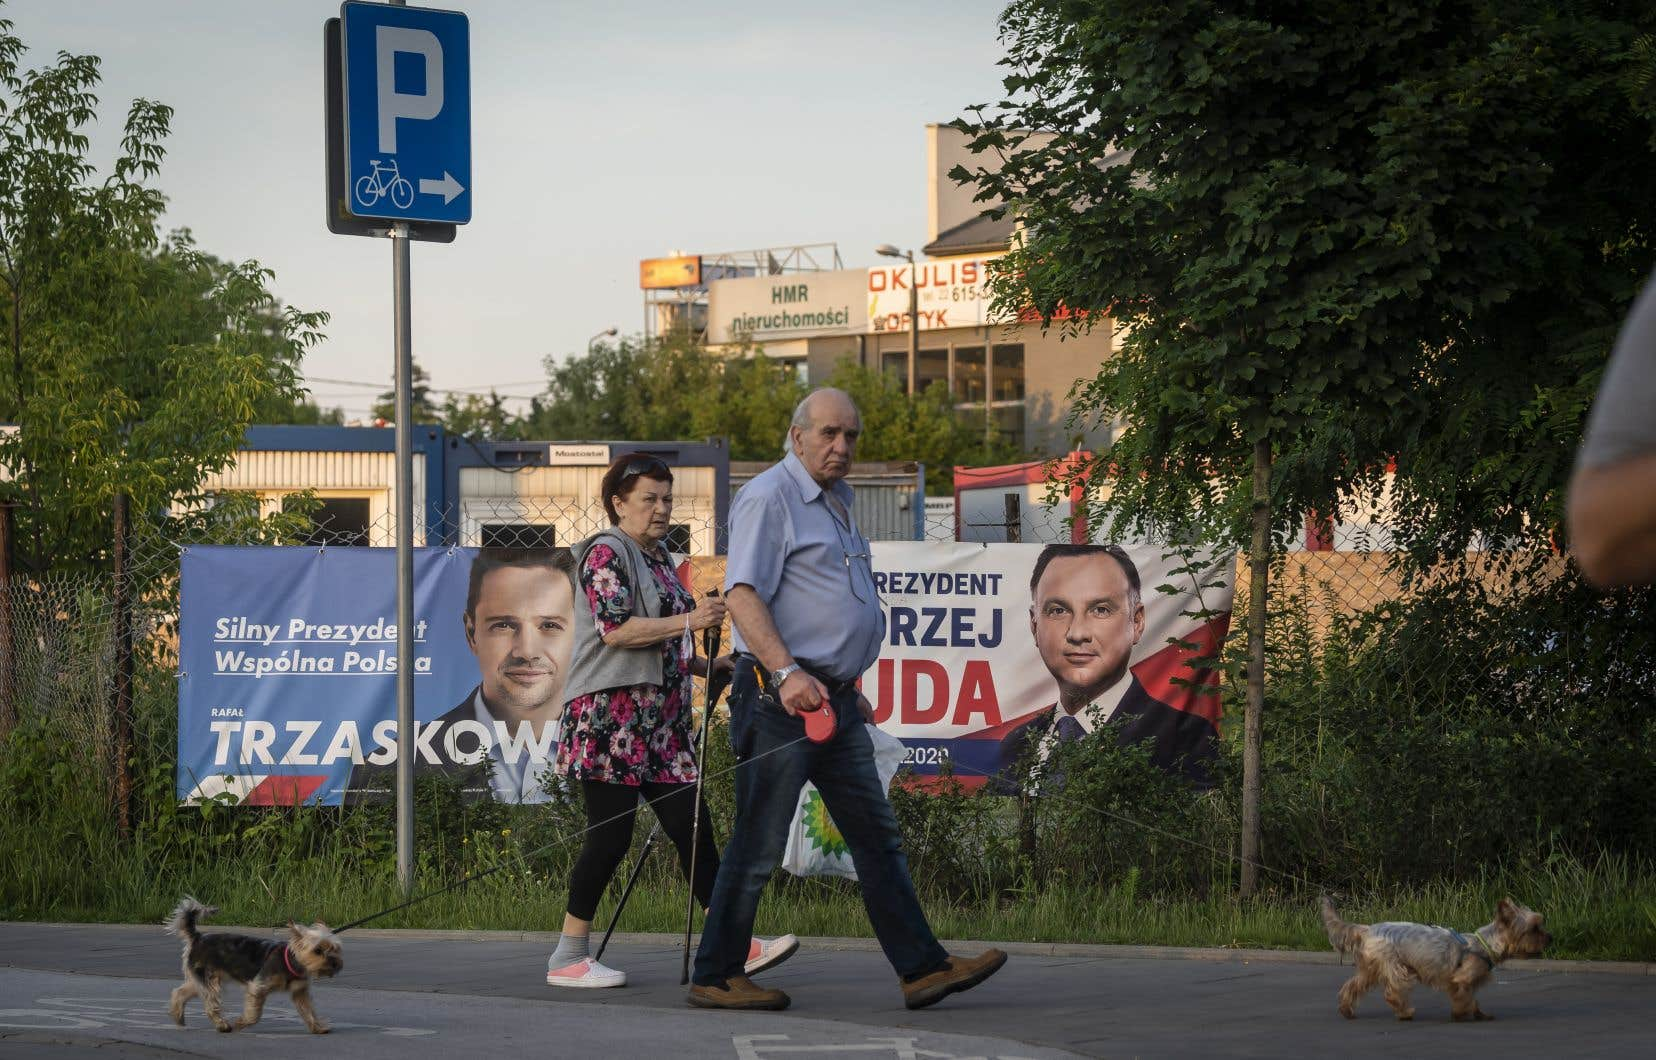 Un couple promenant son chien à Varsovie passe devant les pancartes électorales des deux principaux candidats de l'élection présidentielle polonaise, Rafal Trzaskowski et Andrzej Duda, présentement au coude à coude dans les intentions de vote.